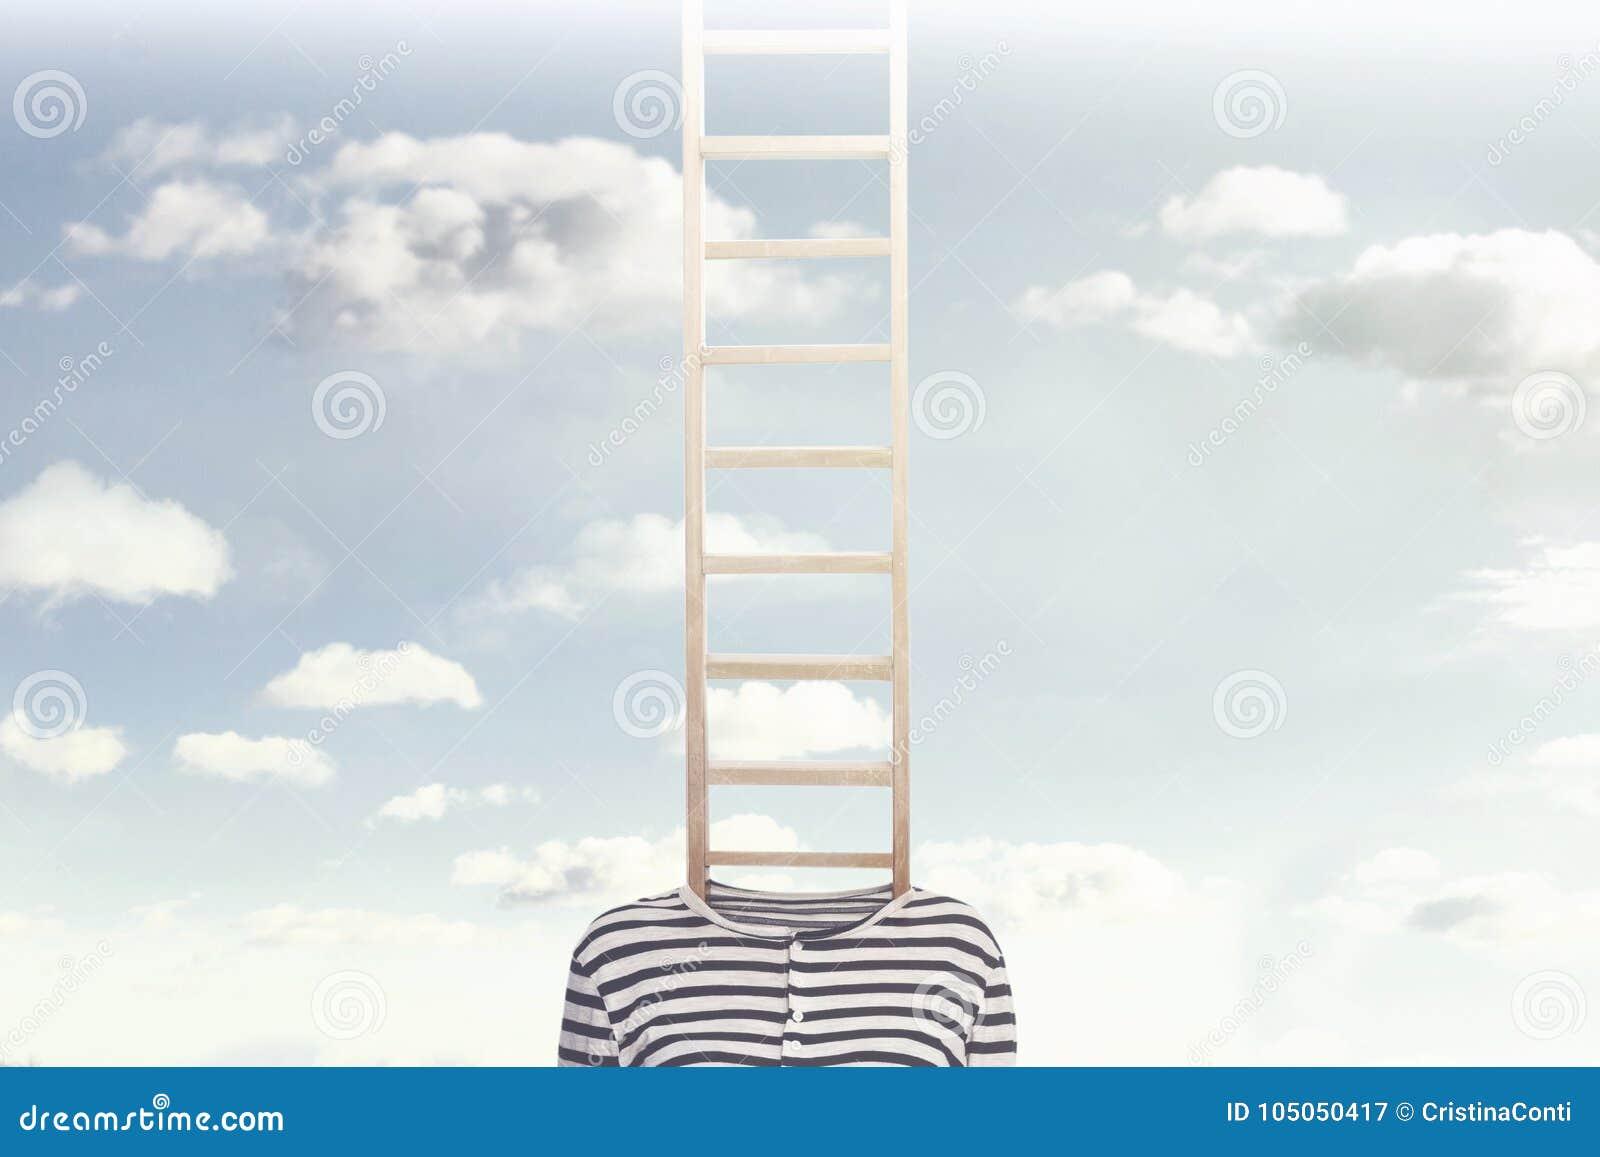 Ett begreppsmässigt foto med en stege som kommer ut ur en kropp för person` s och klättrar in mot en molnig himmel